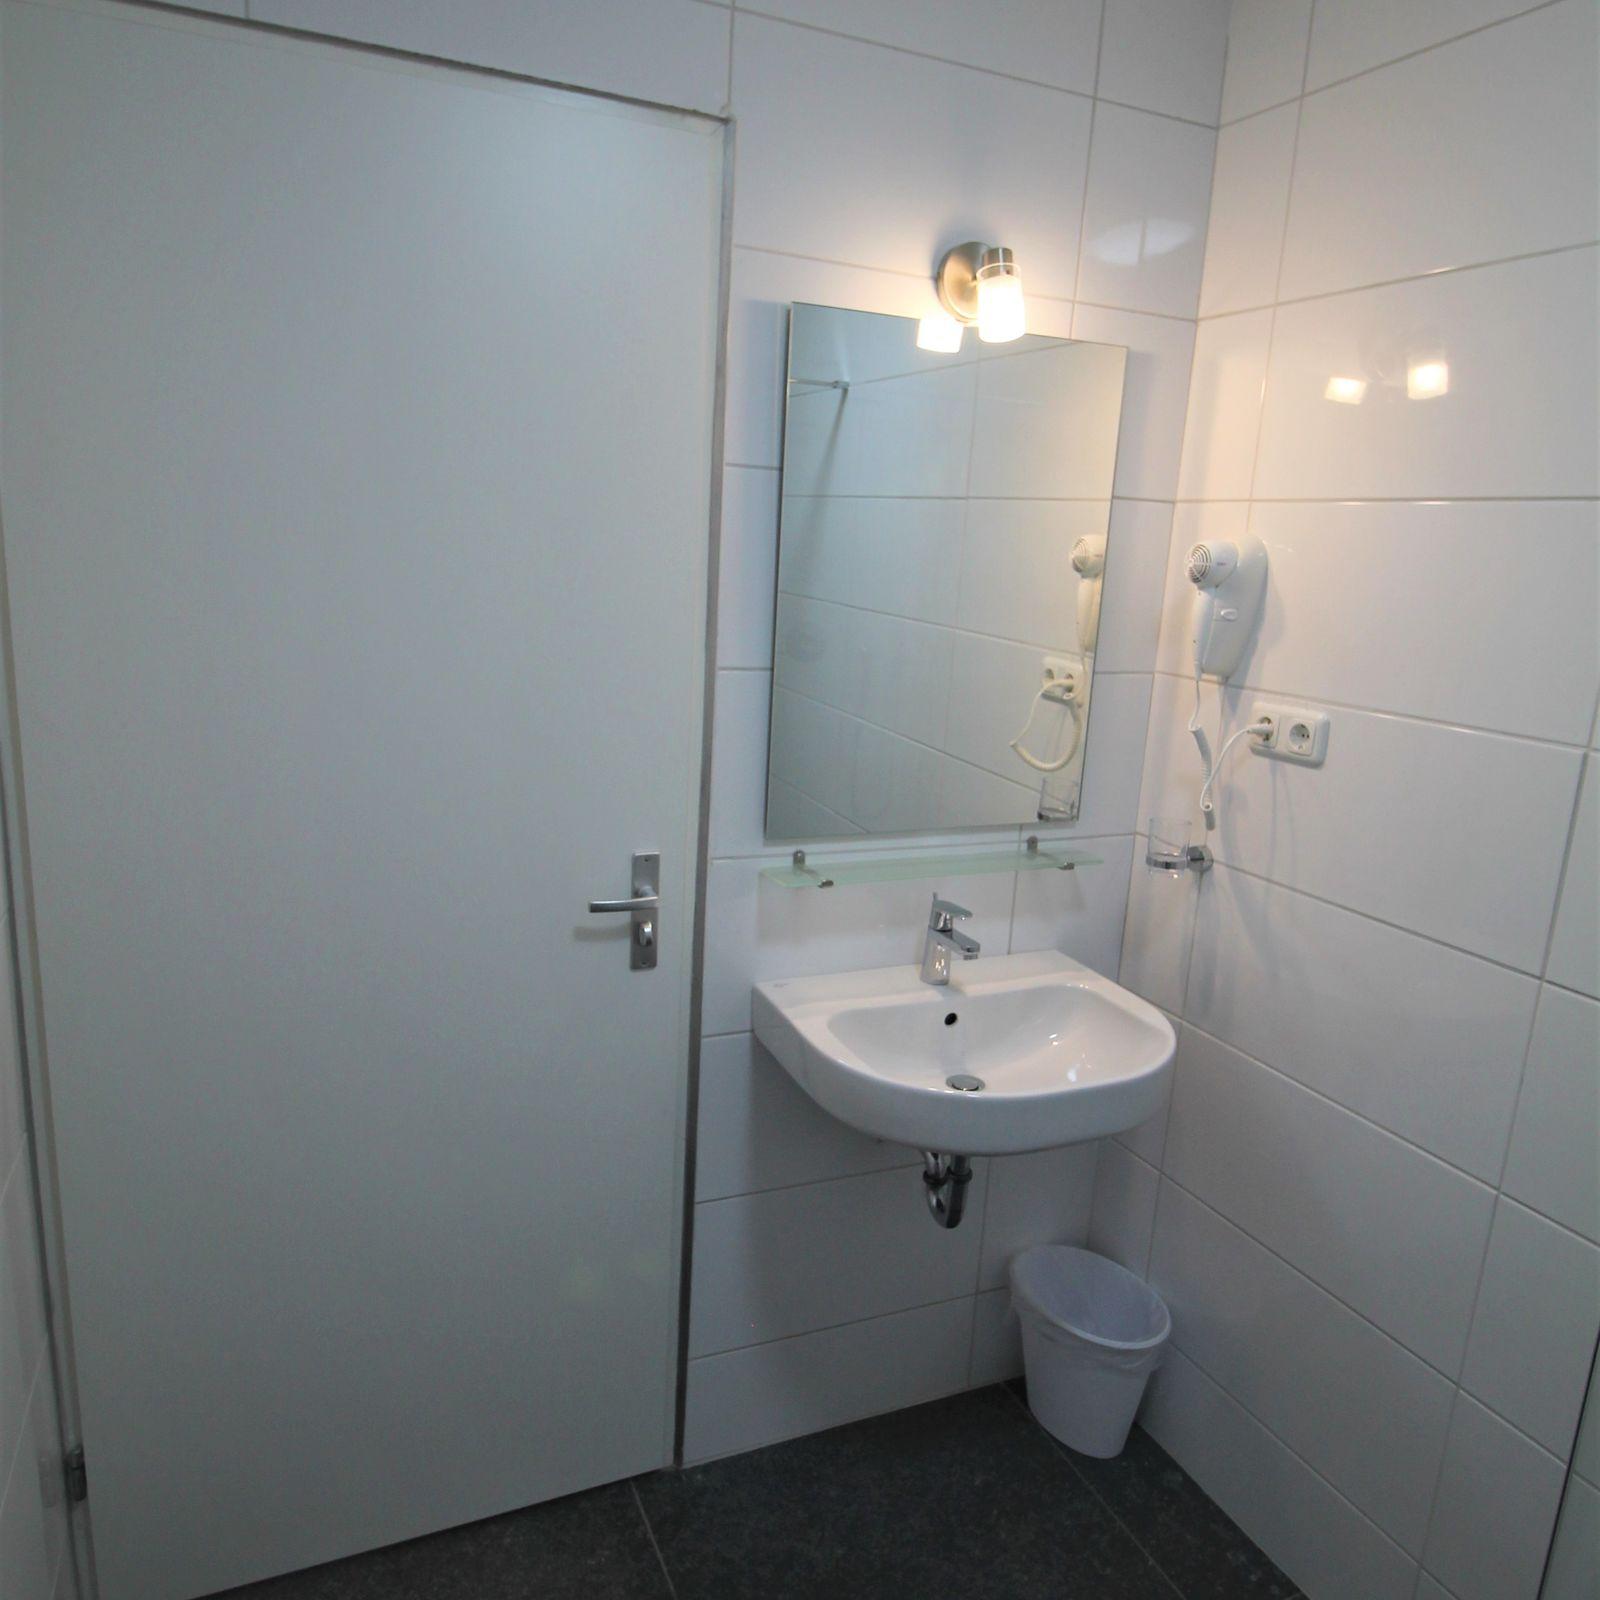 Bild von 2-Schalfzimmer Appartment